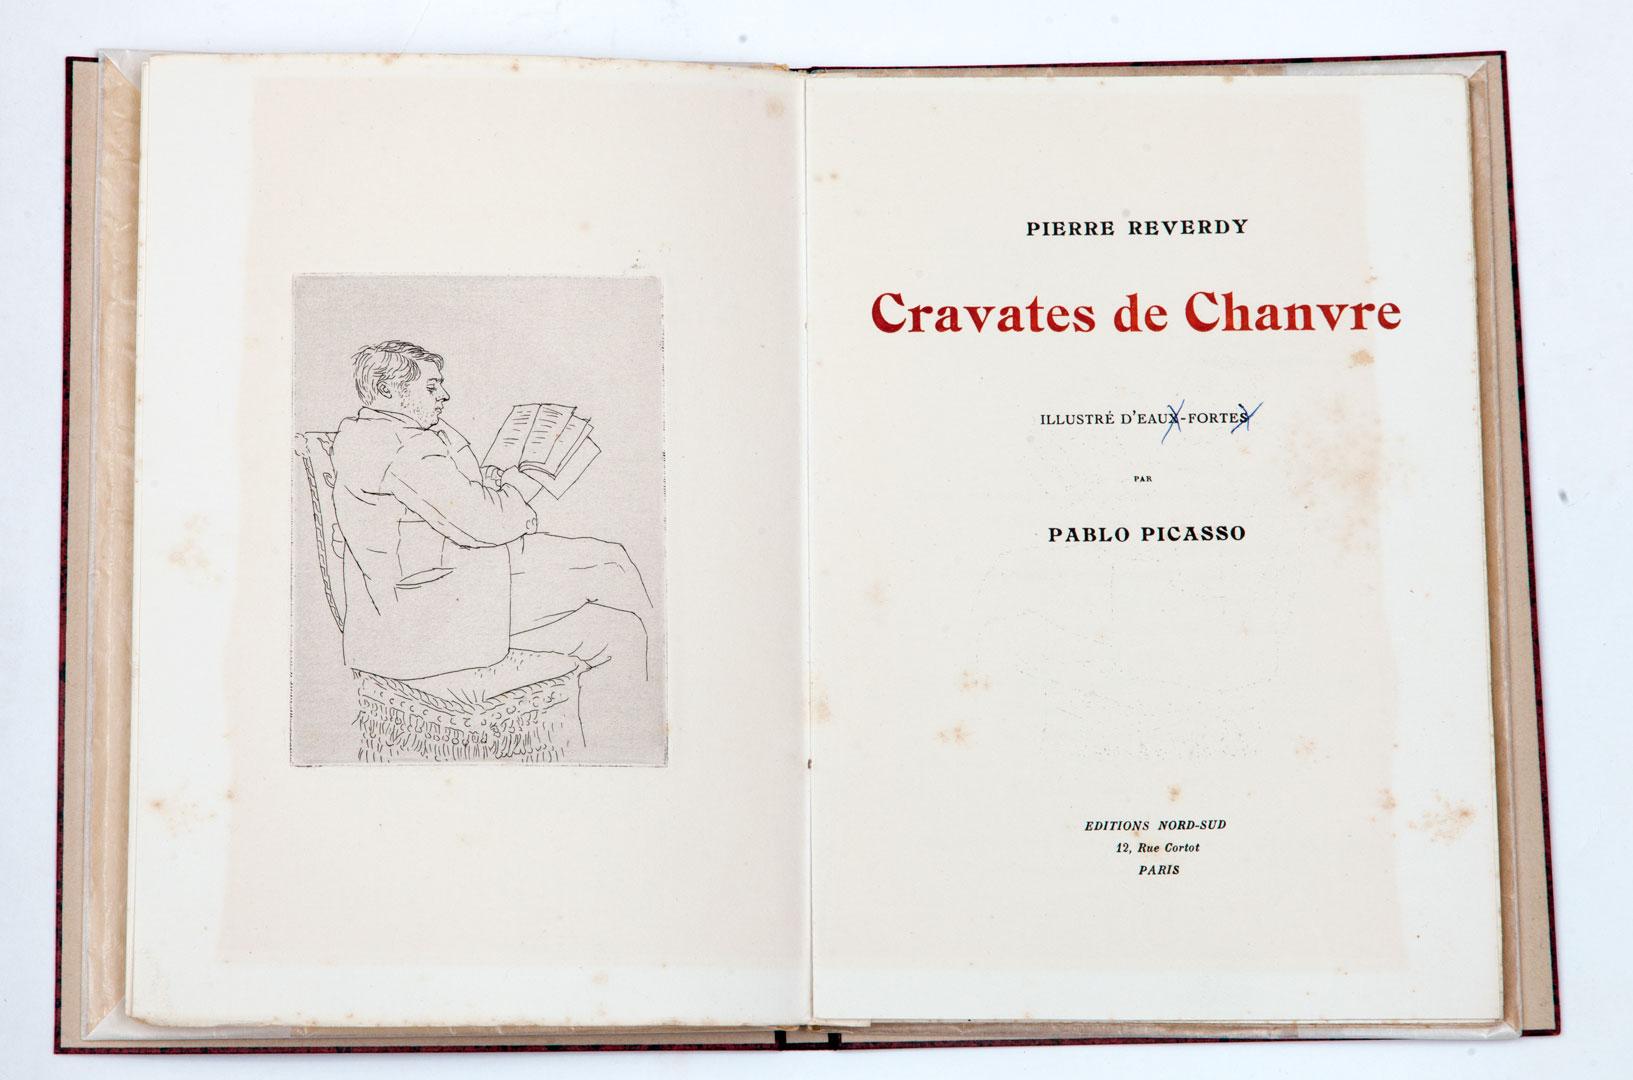 Пабло Пикассо: художник среди поэтов. Книги из собрания Марка Башмакова смотреть фото